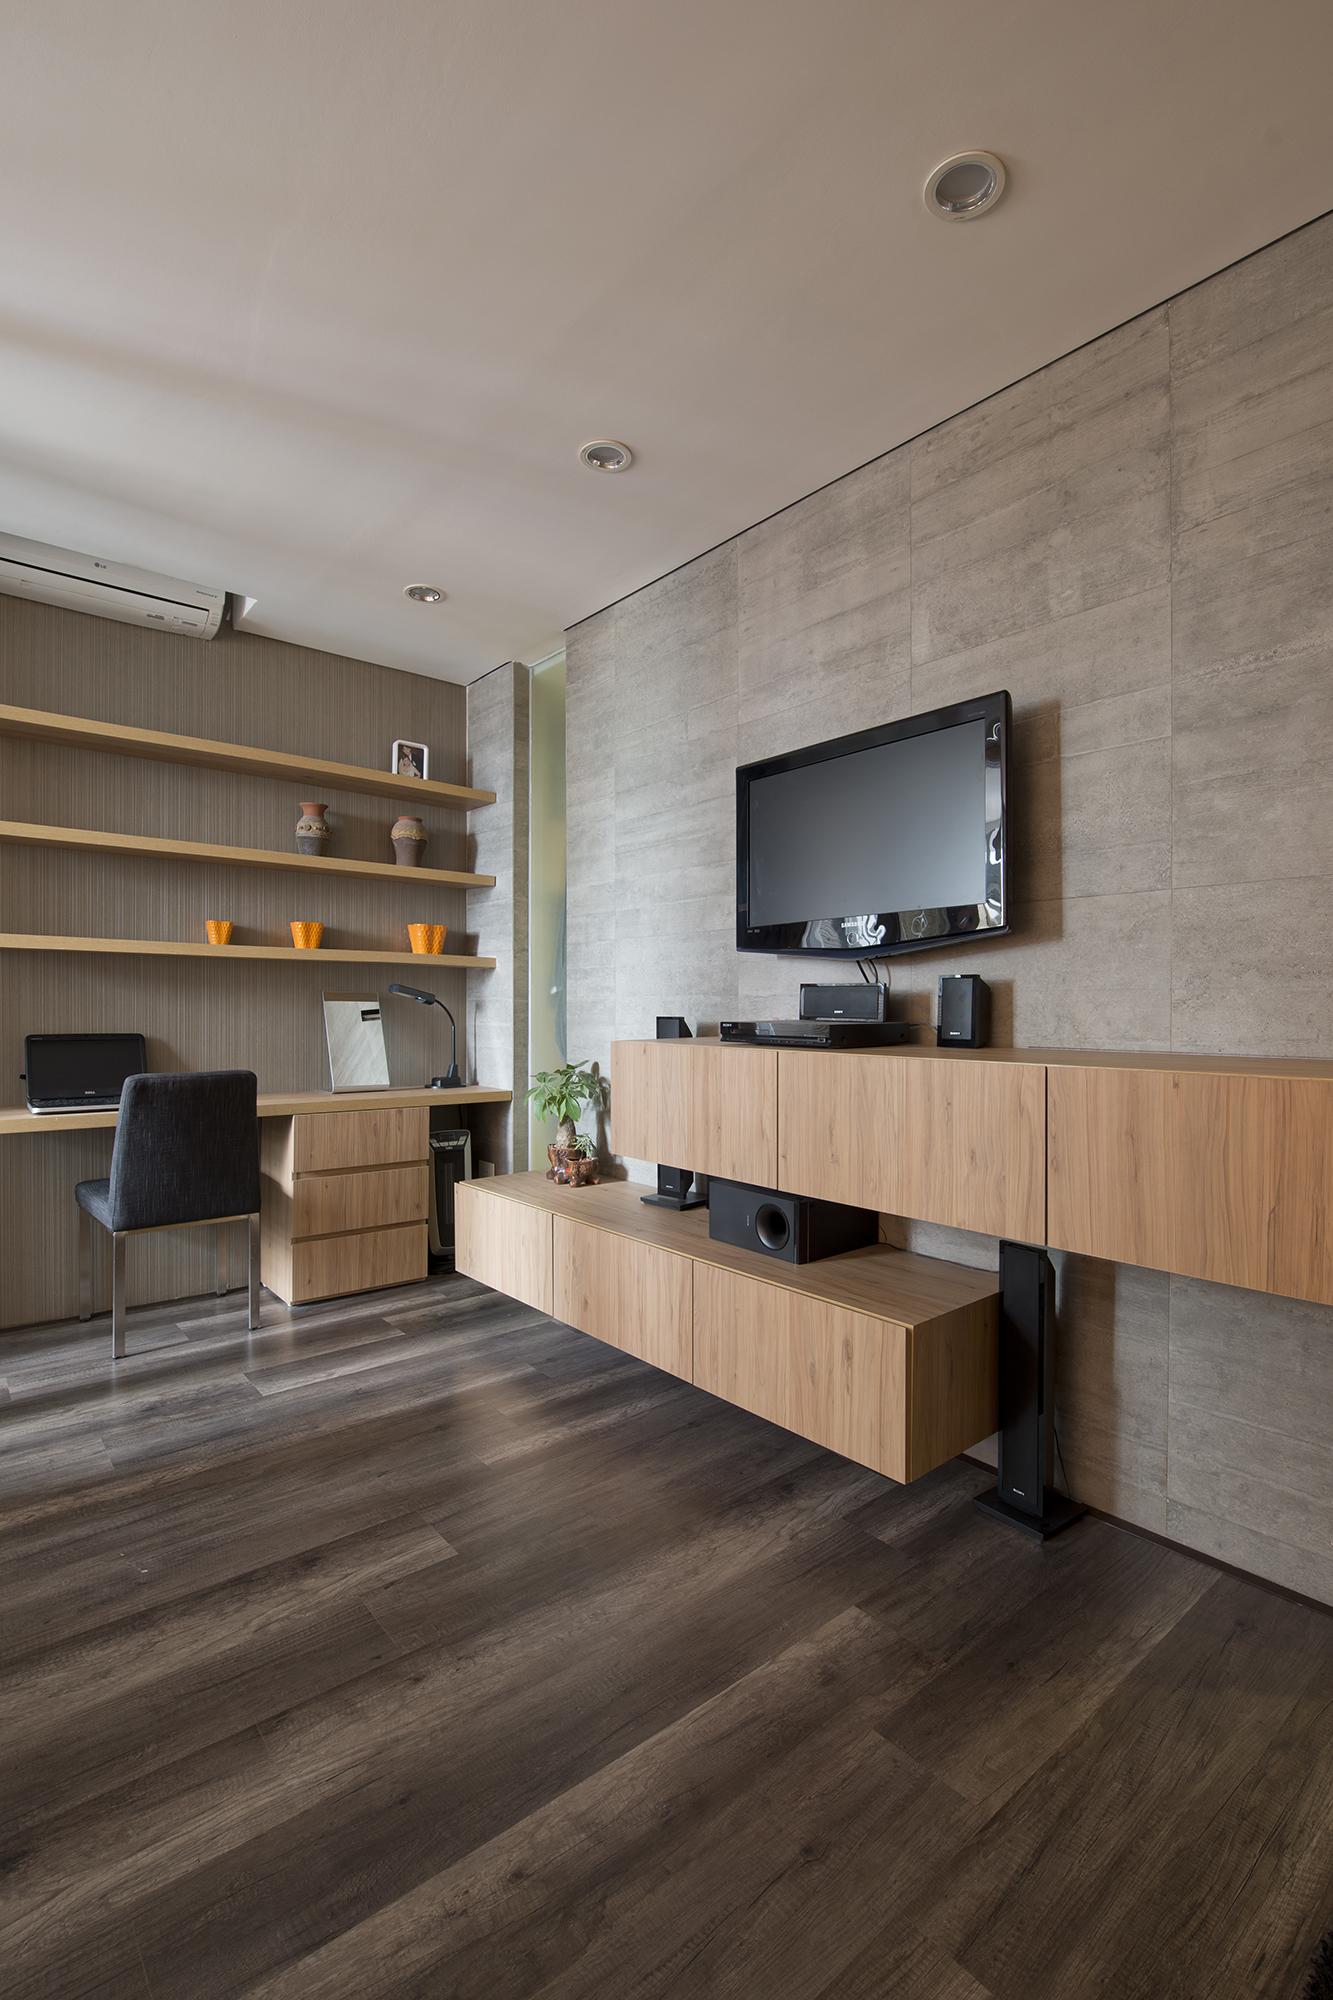 Hệ thống kệ TV treo tường liên hoàn với góc làm việc đơn giản. Chất liệu sàn gỗ, đồ nội thất, tường gạch bê tông trần được kết hợp với nhau tạo thành một tổng thể thống nhất